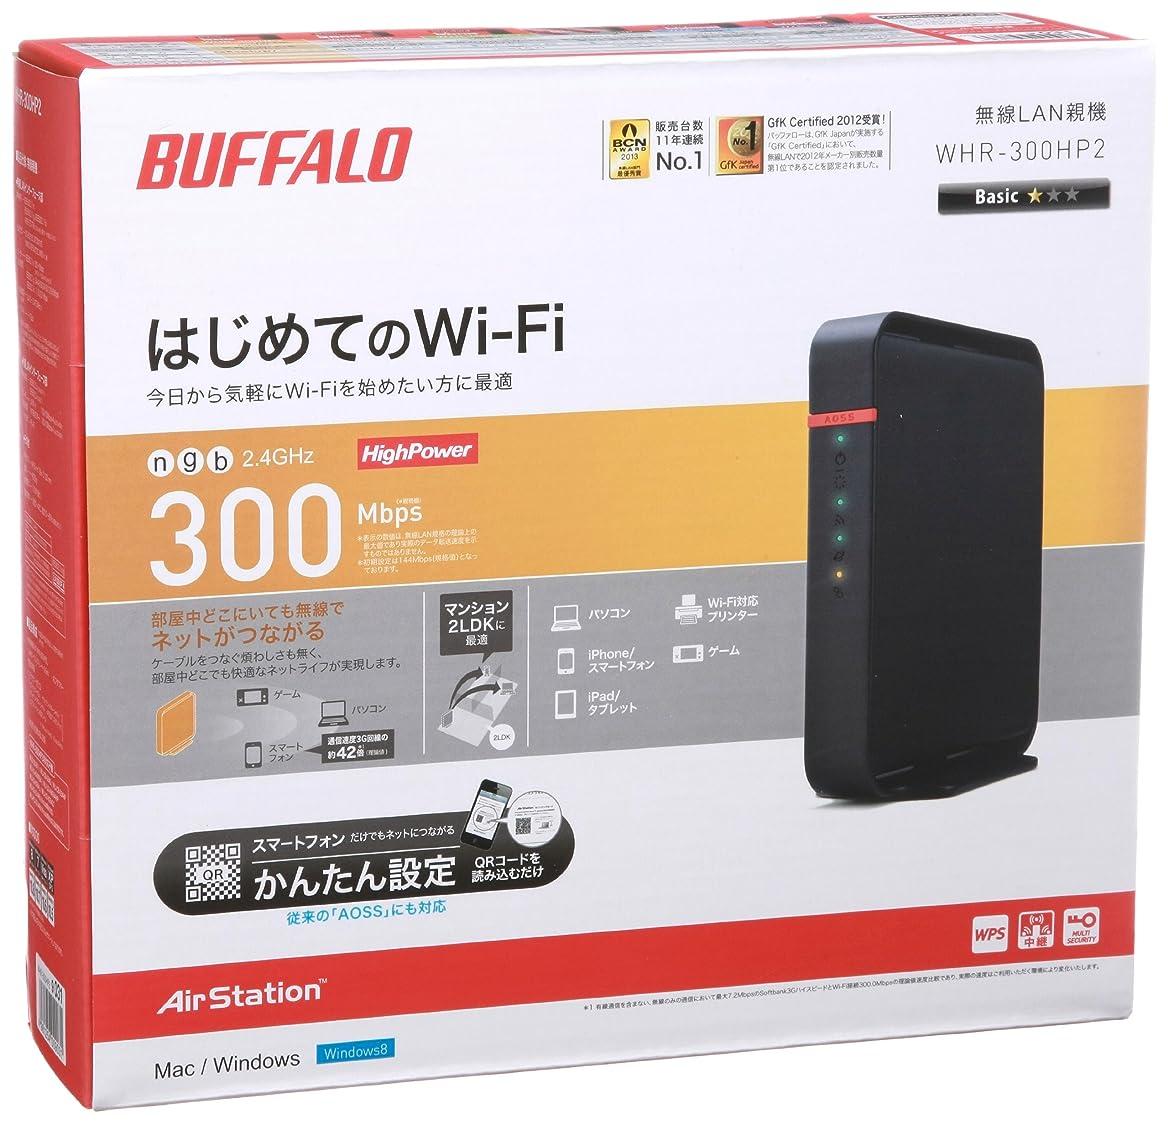 成分責任者吹雪BUFFALO QRsetup 11n/g/b 300Mbps 無線LAN親機 WHR-300HP2